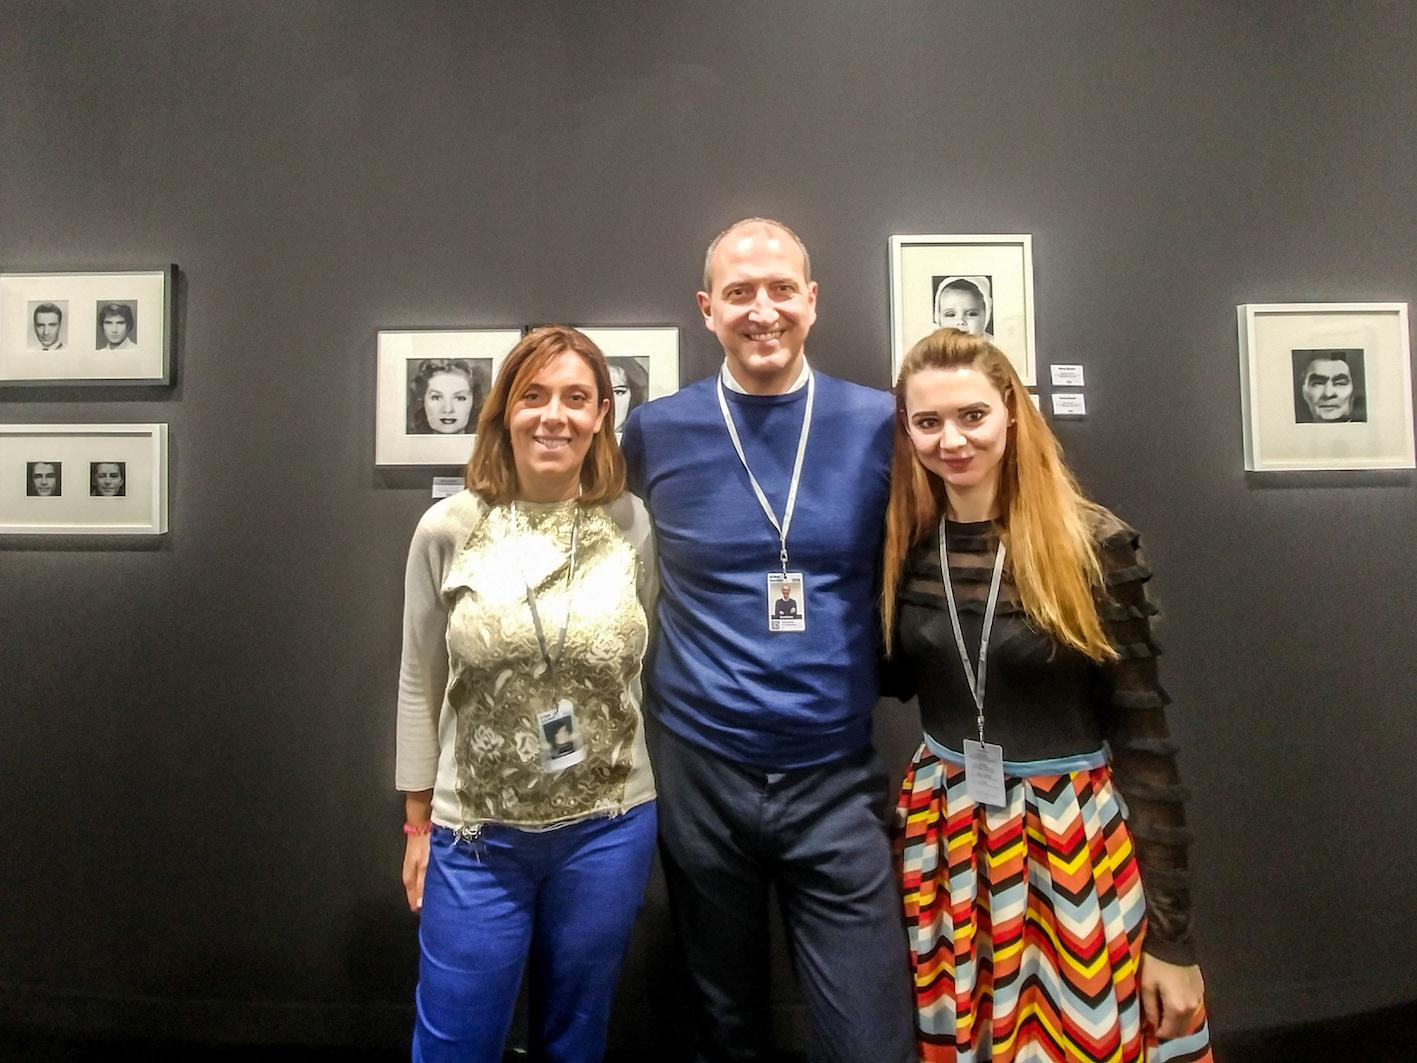 Il team di Paci: Monica e Giampaolo Paci e Federica Manfredi davanti alle fotografie di Nancy Burson